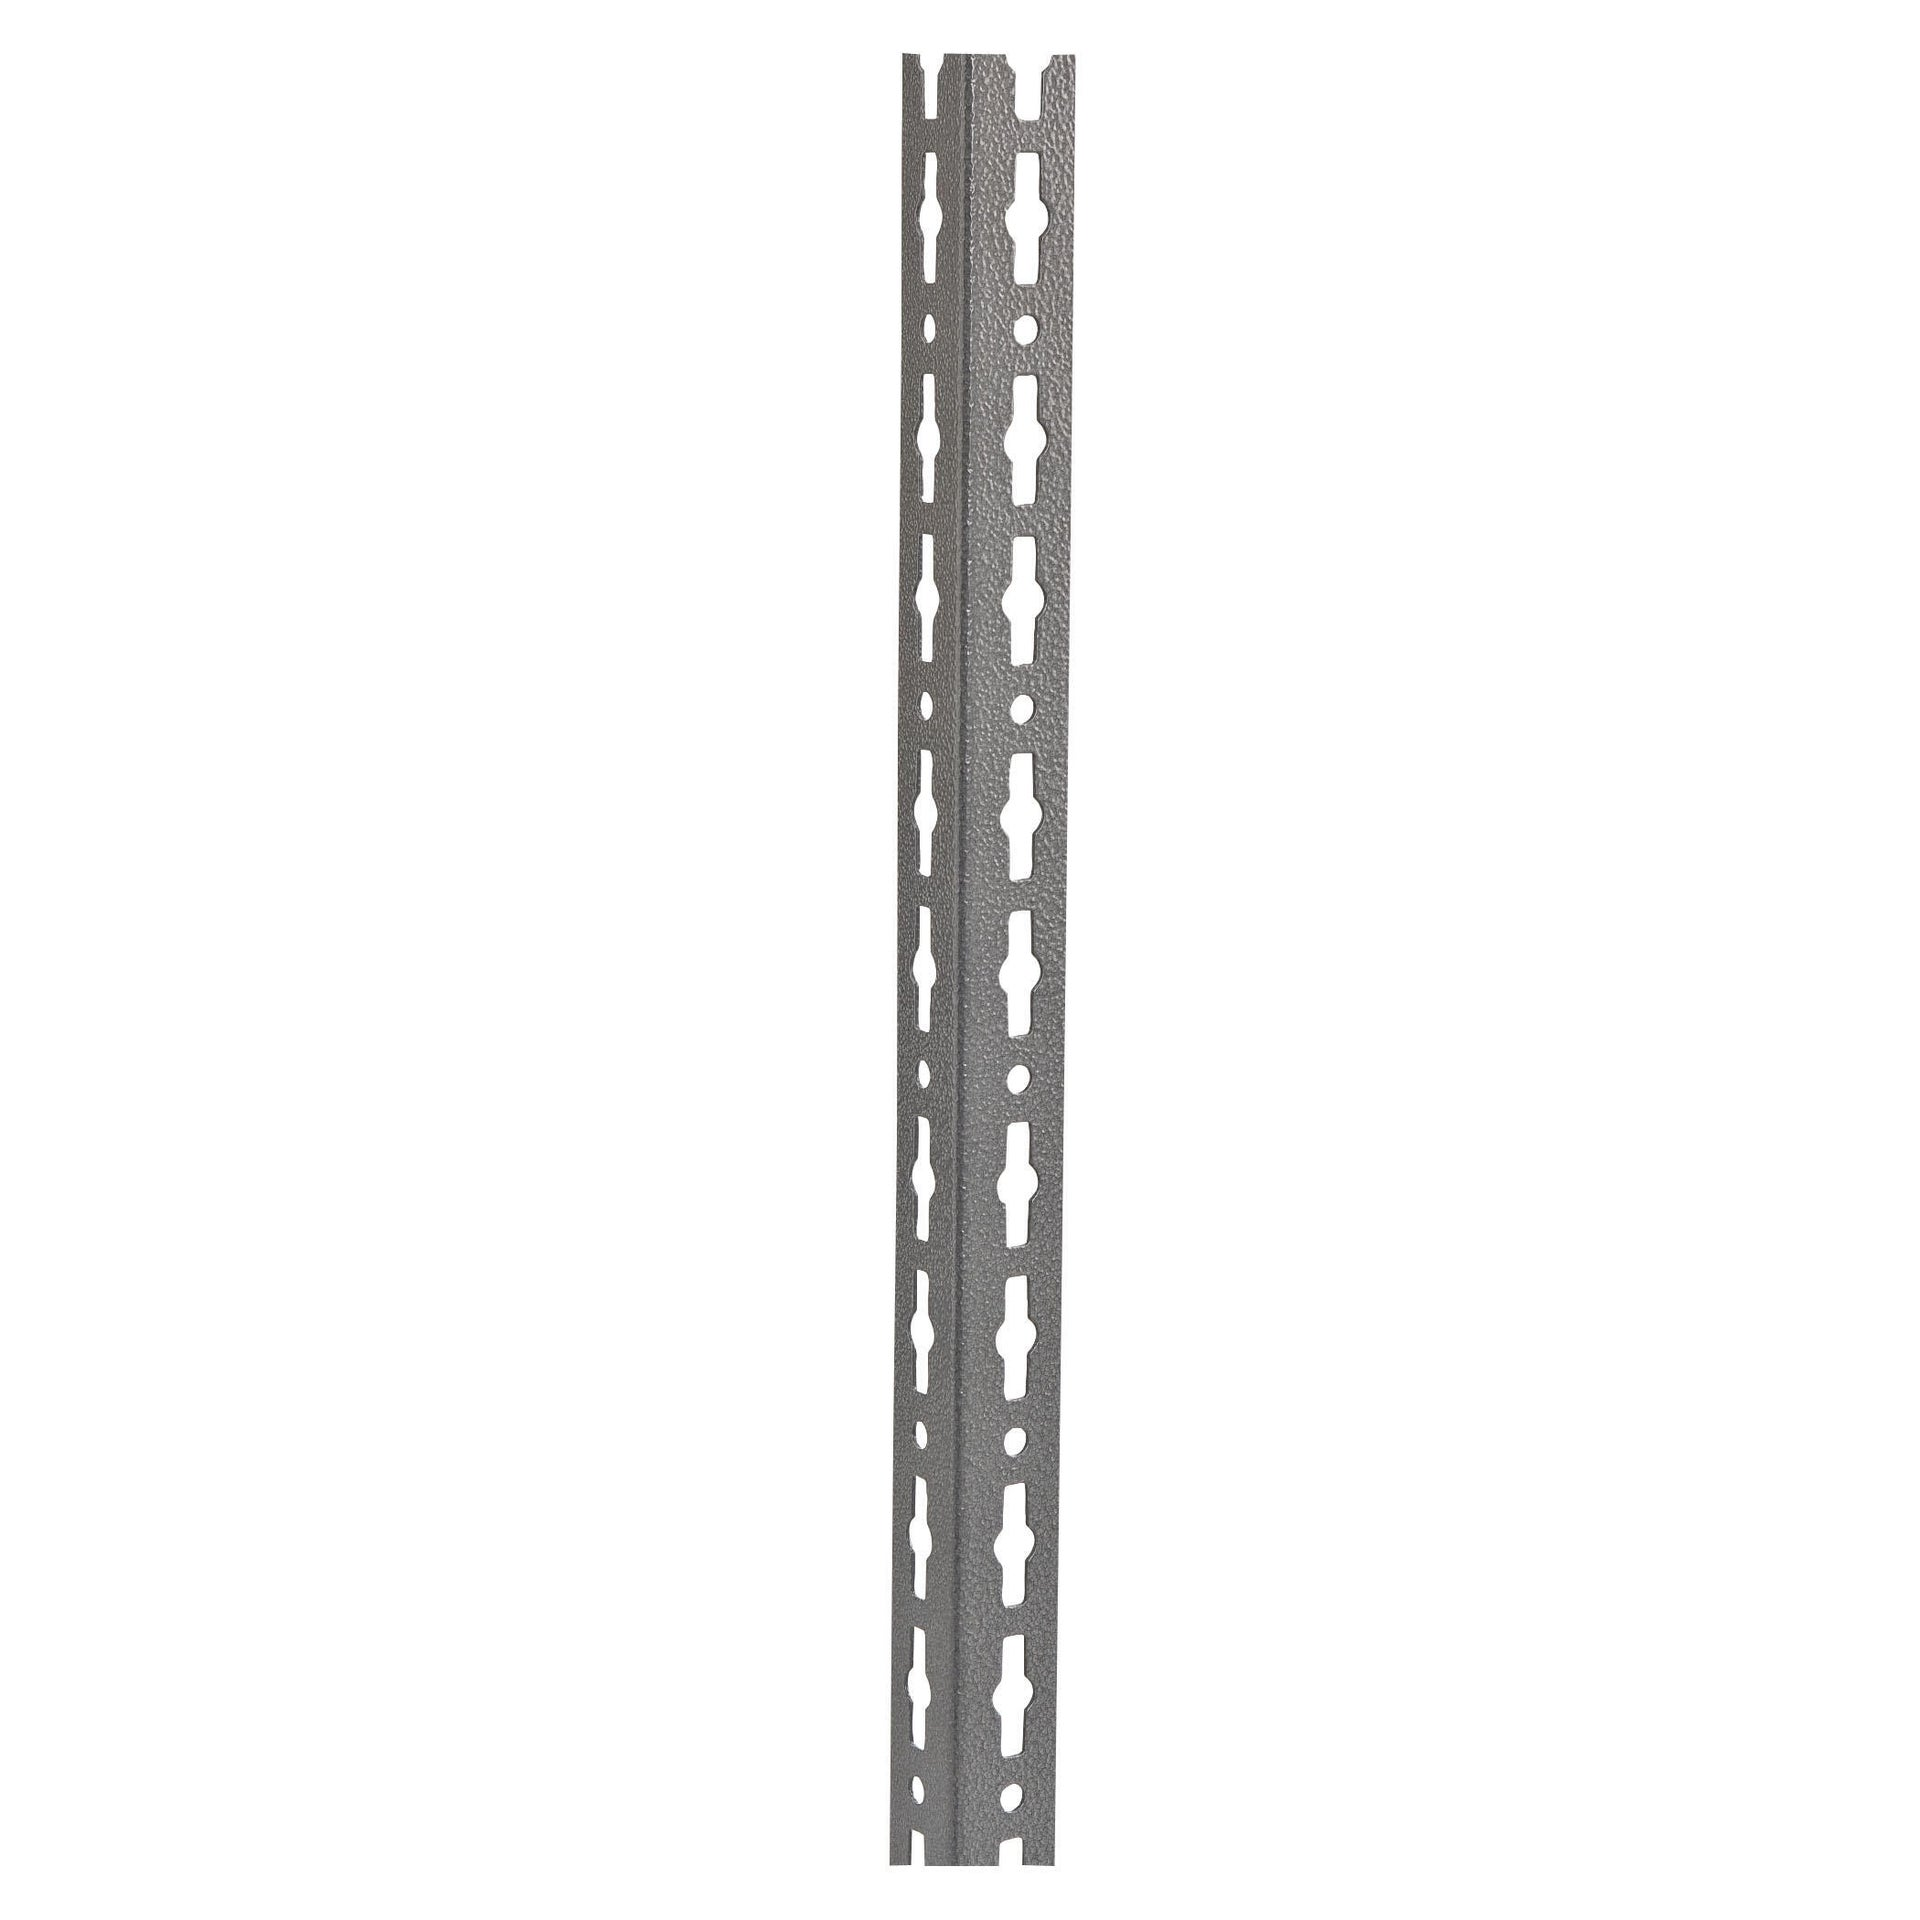 Montante in metallo angolare L 4 x H 300 x Sp 4 cm grigio / argento martellato - 2